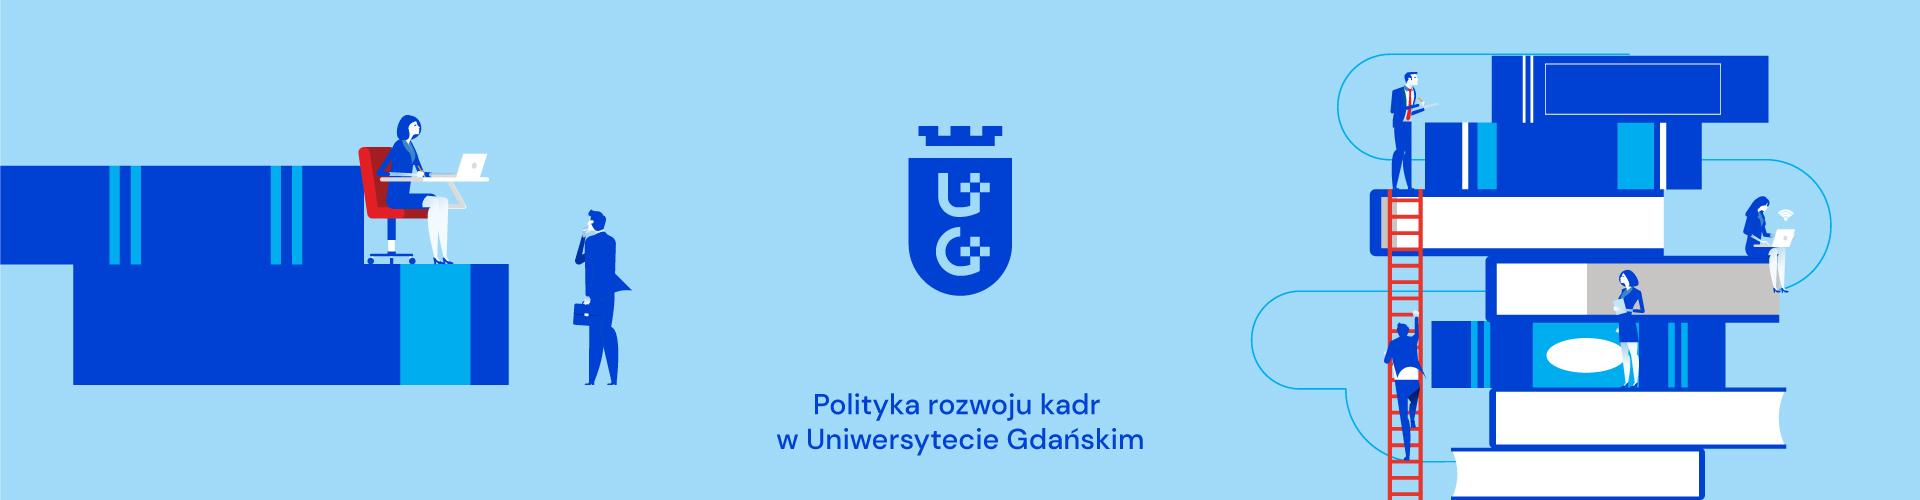 Polityka rozwoju kadr w Uniwersytecie Gdańskim